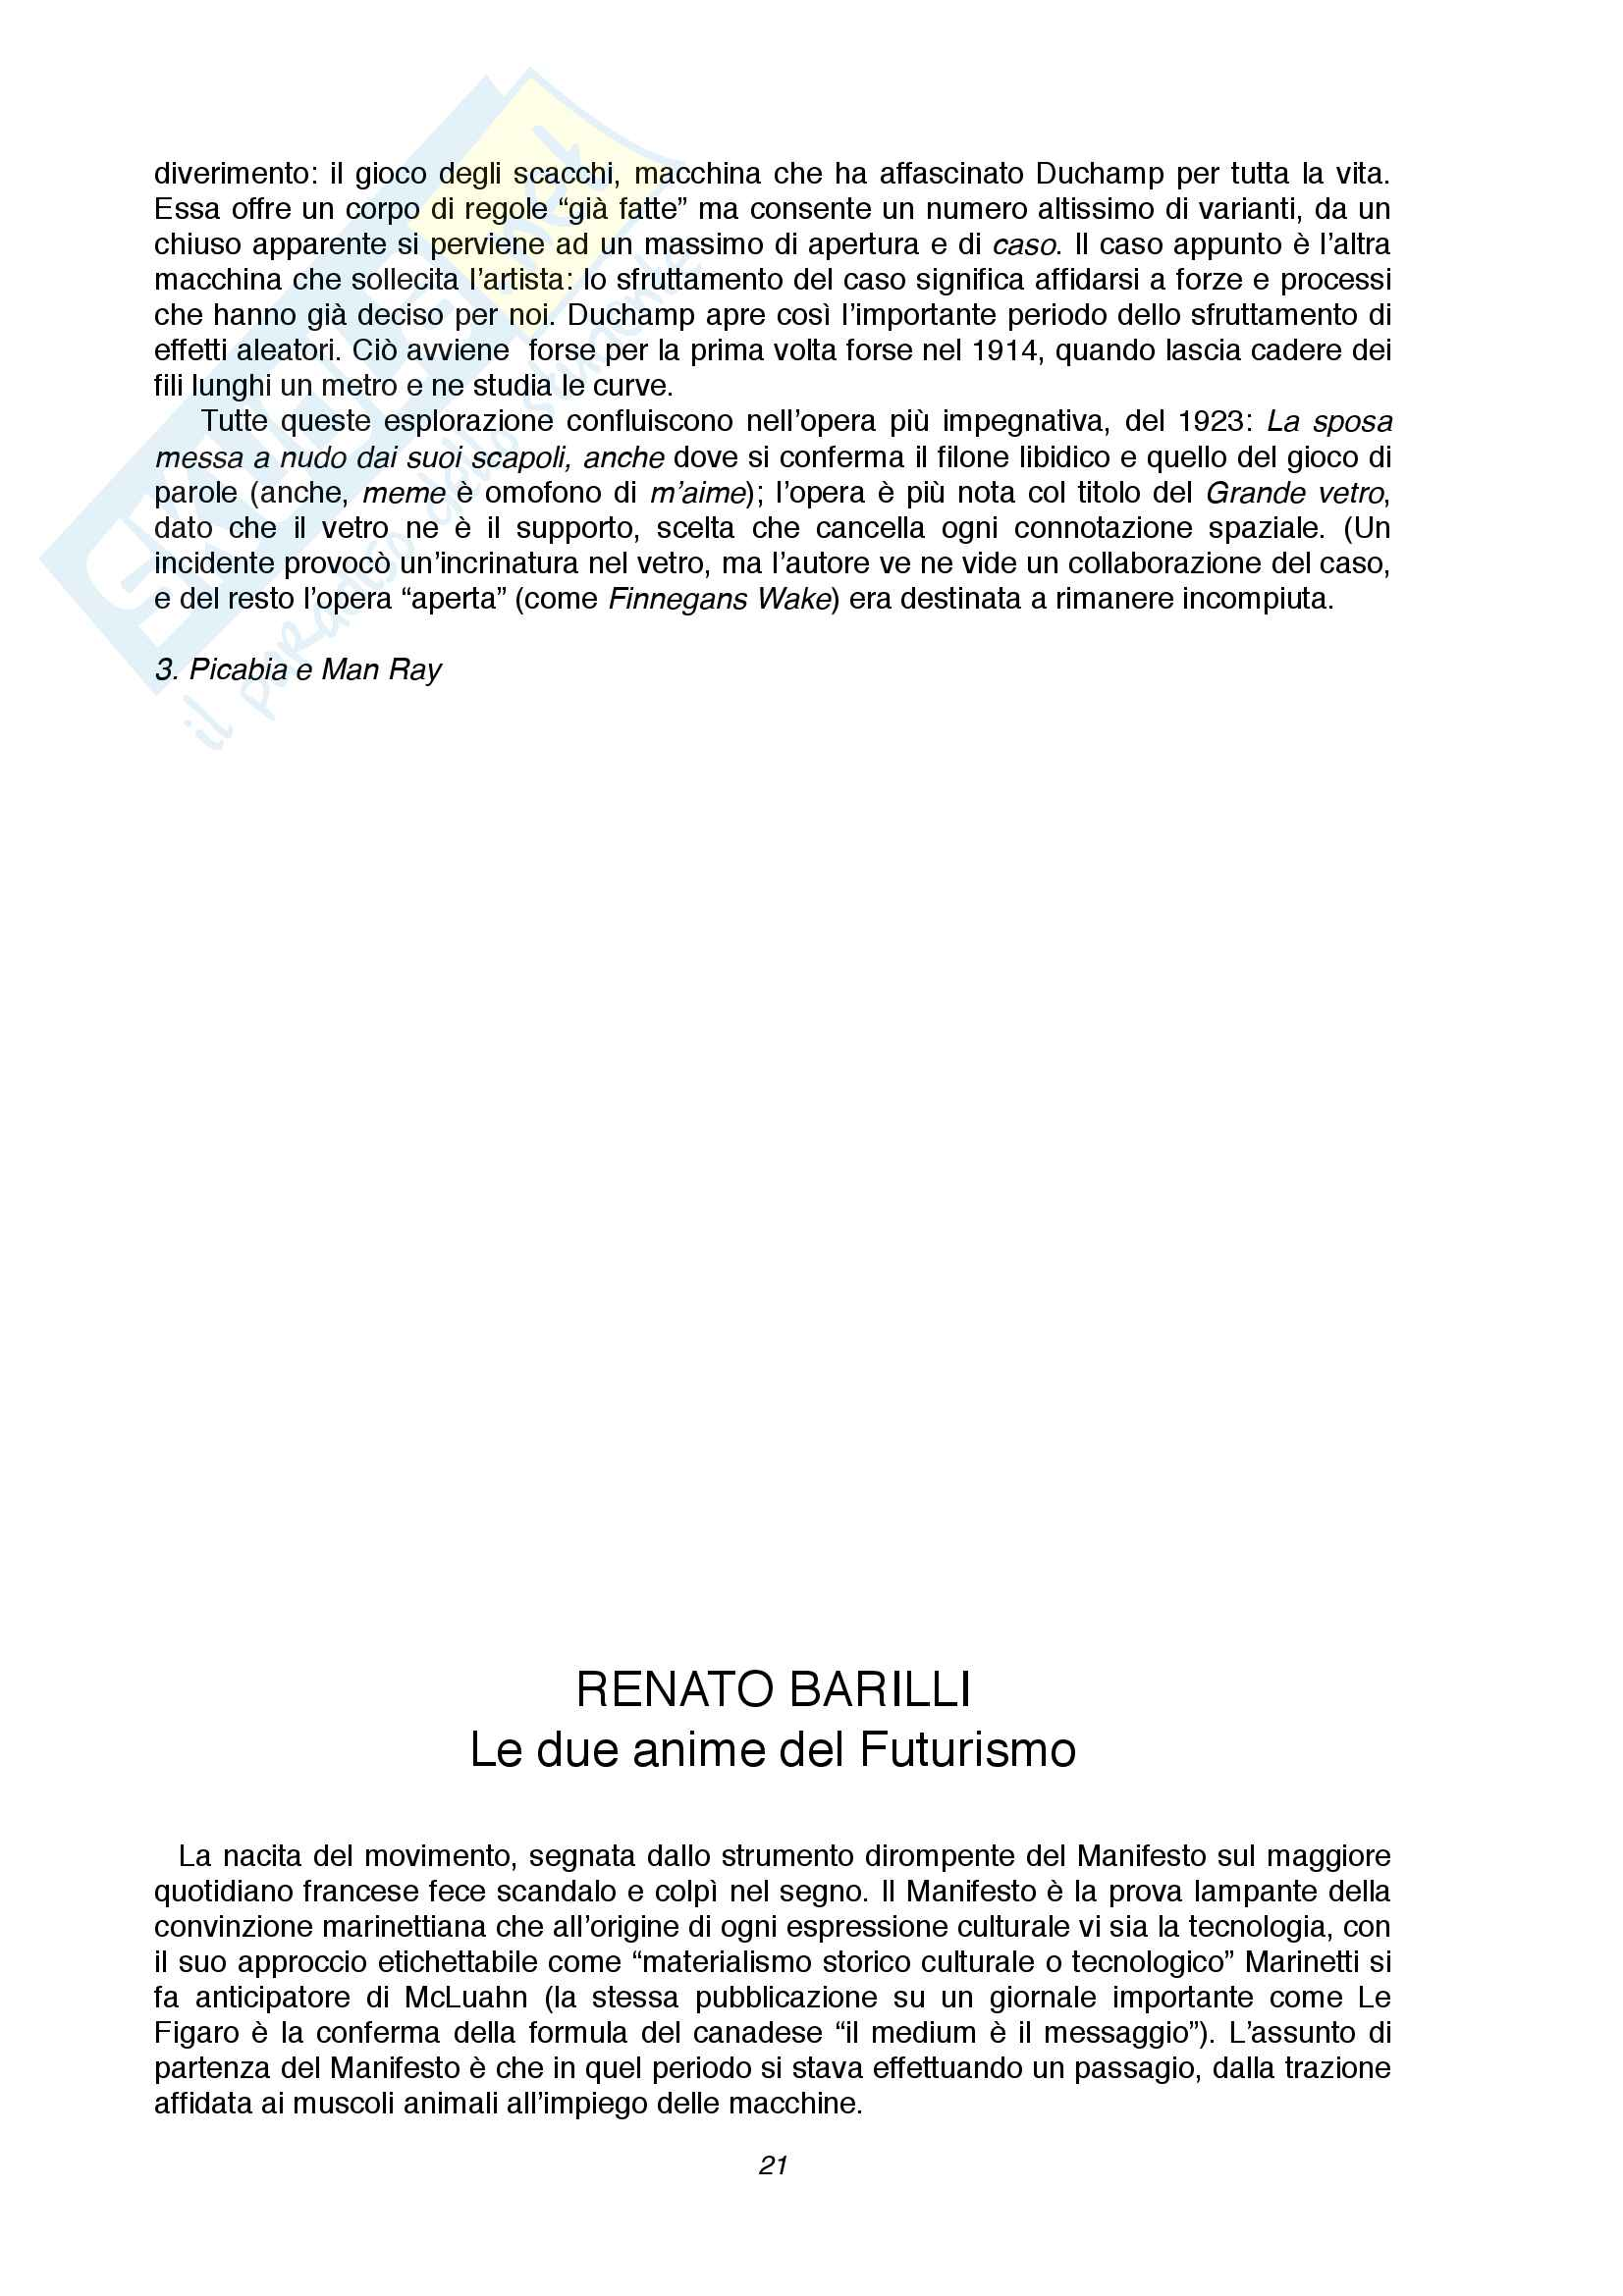 Riassunto esame Storia dell'arte contemporanea, prof. di Scienze letterarie, libro consigliato Renato Barilli, l'arte contemporanea da Cézanne alle ultime tendenze Pag. 21